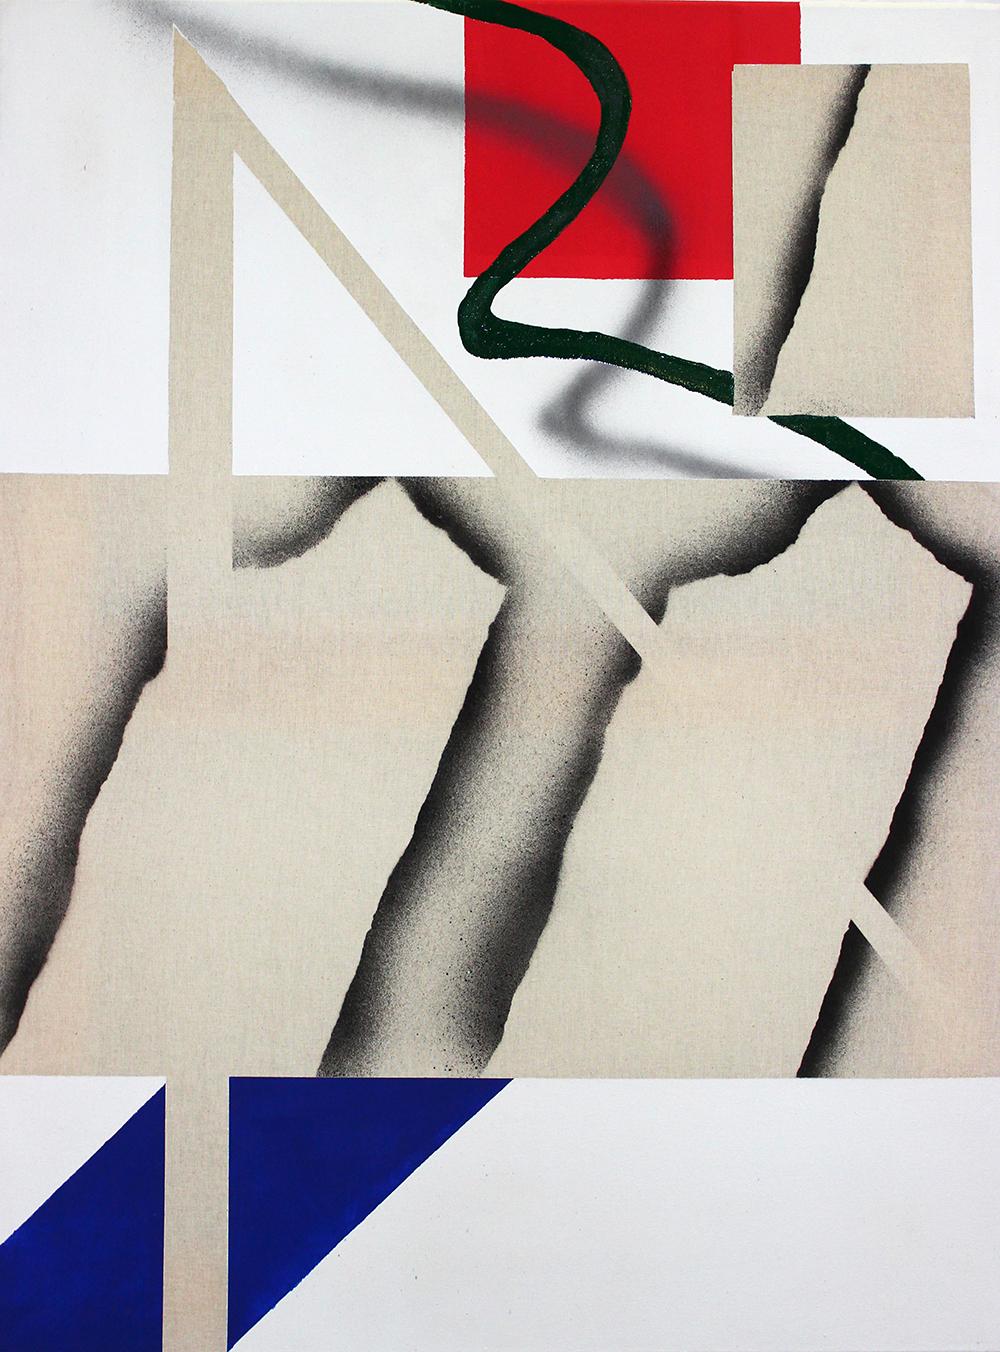 404 - Acrylic, varnish & spray on canvas - 60 x 80 cm - 2018